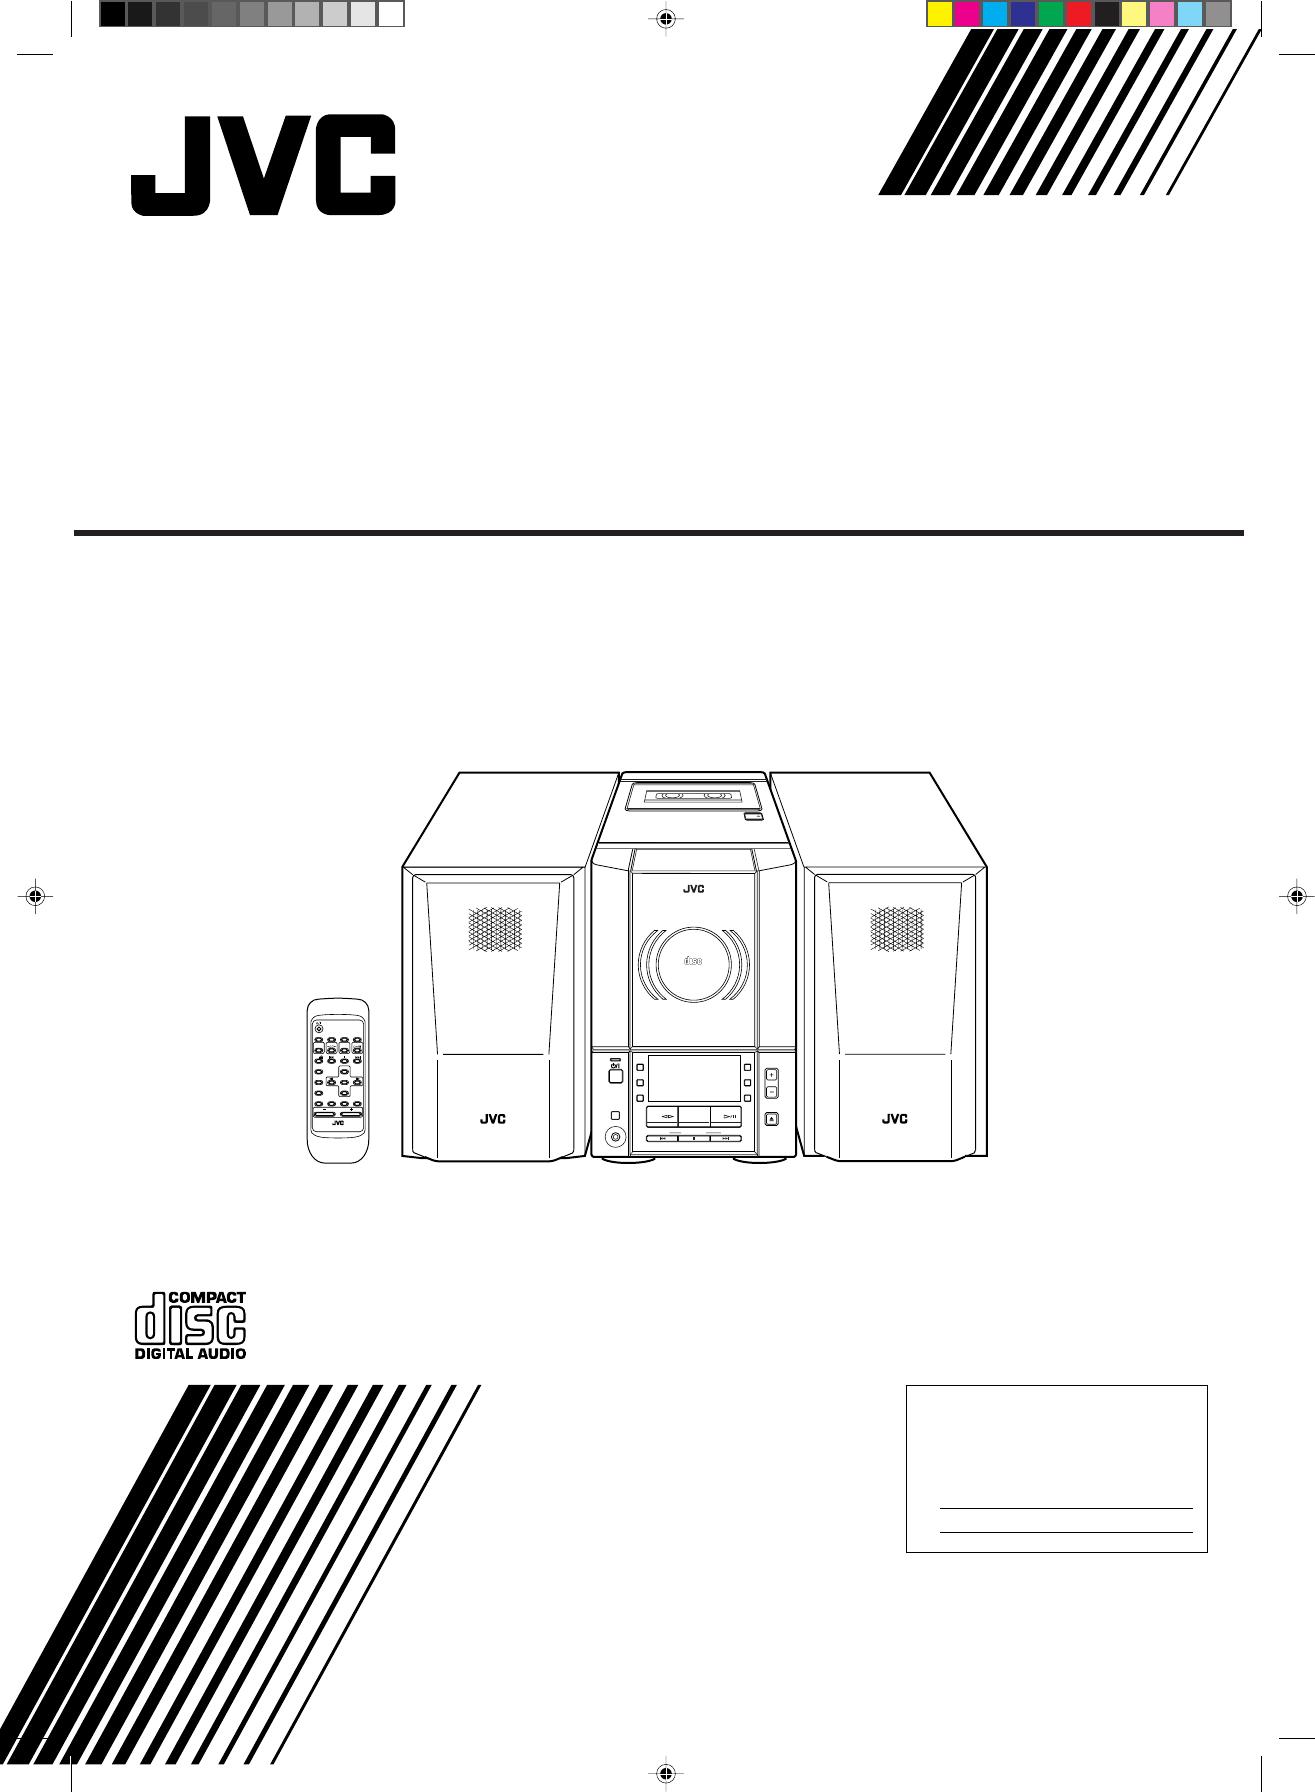 jvc speaker system ux